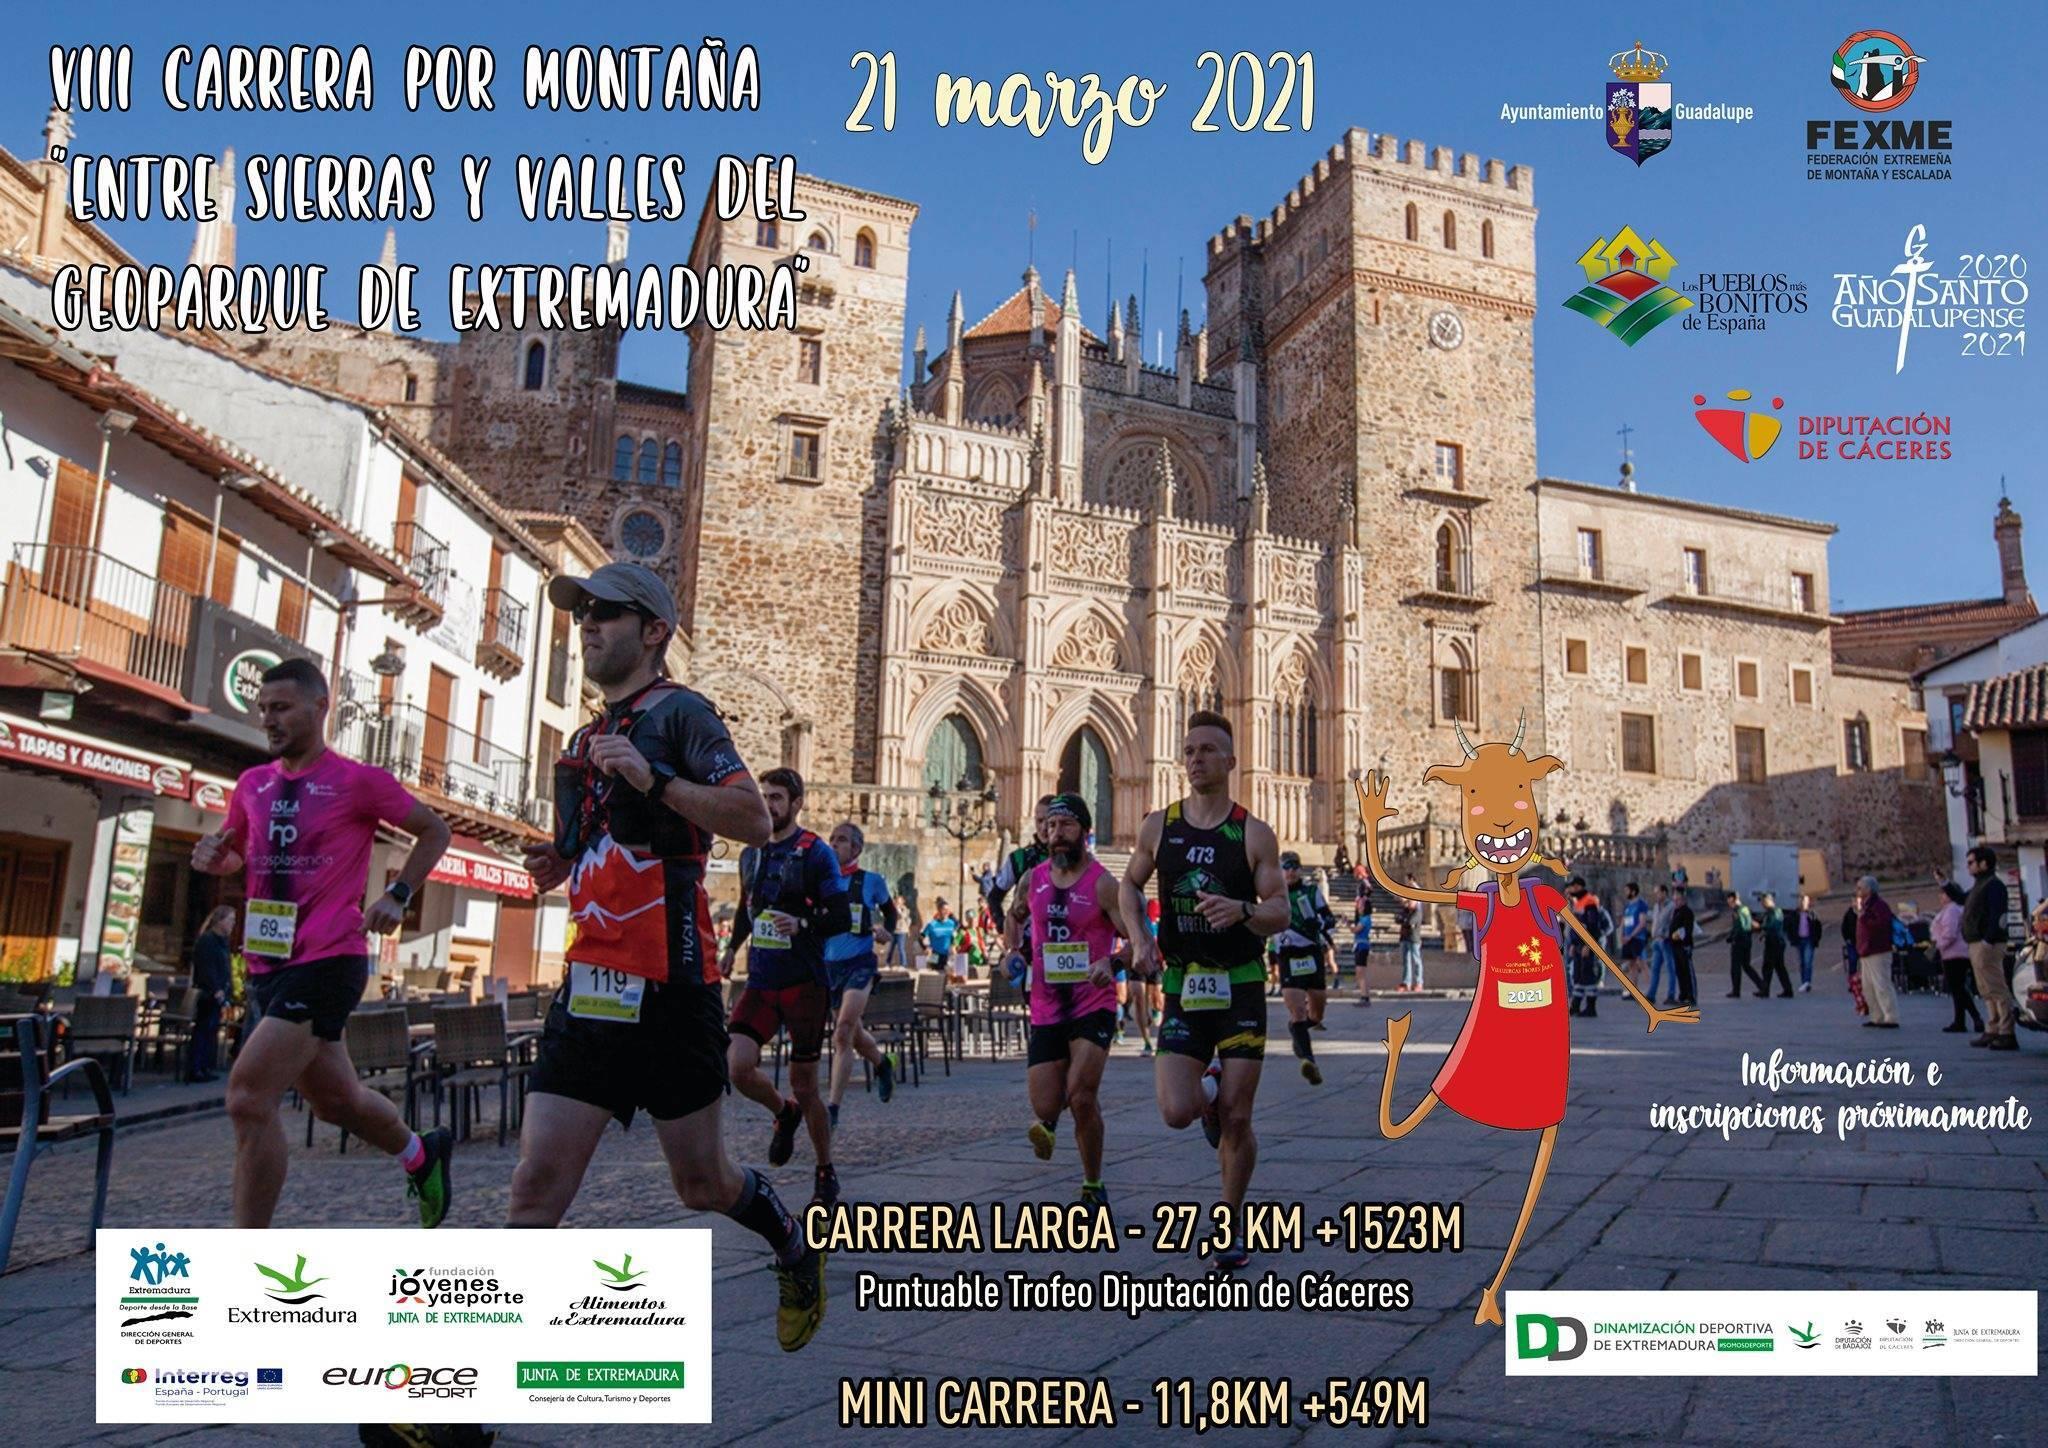 VIII carrera por montaña Entre sierras y valles del Geoparque de Extremadura - Guadalupe (Cáceres)